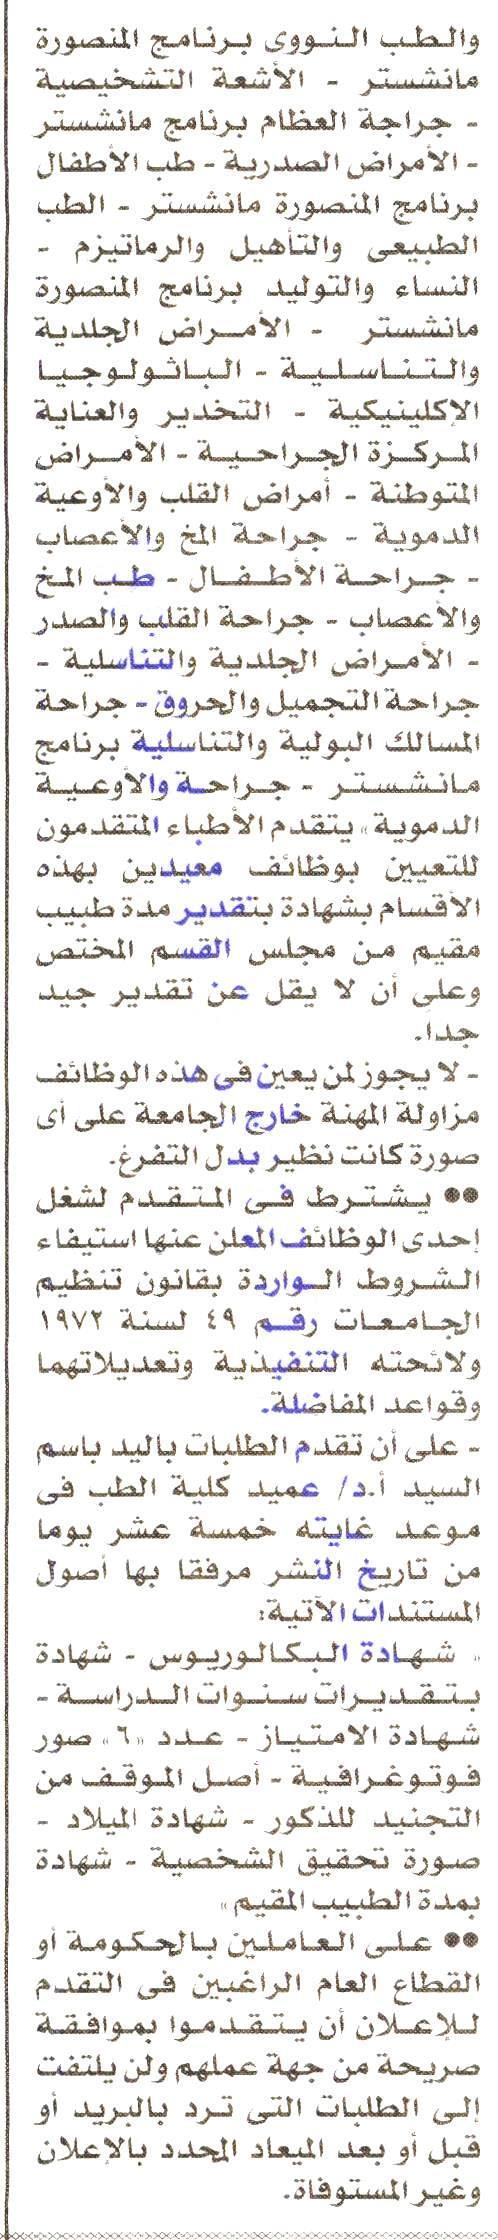 عاجل.. جريدة الأخبار | وظائف تعيين معيدين بجامعة المنصورة.. ننشر الاعلان Getima10